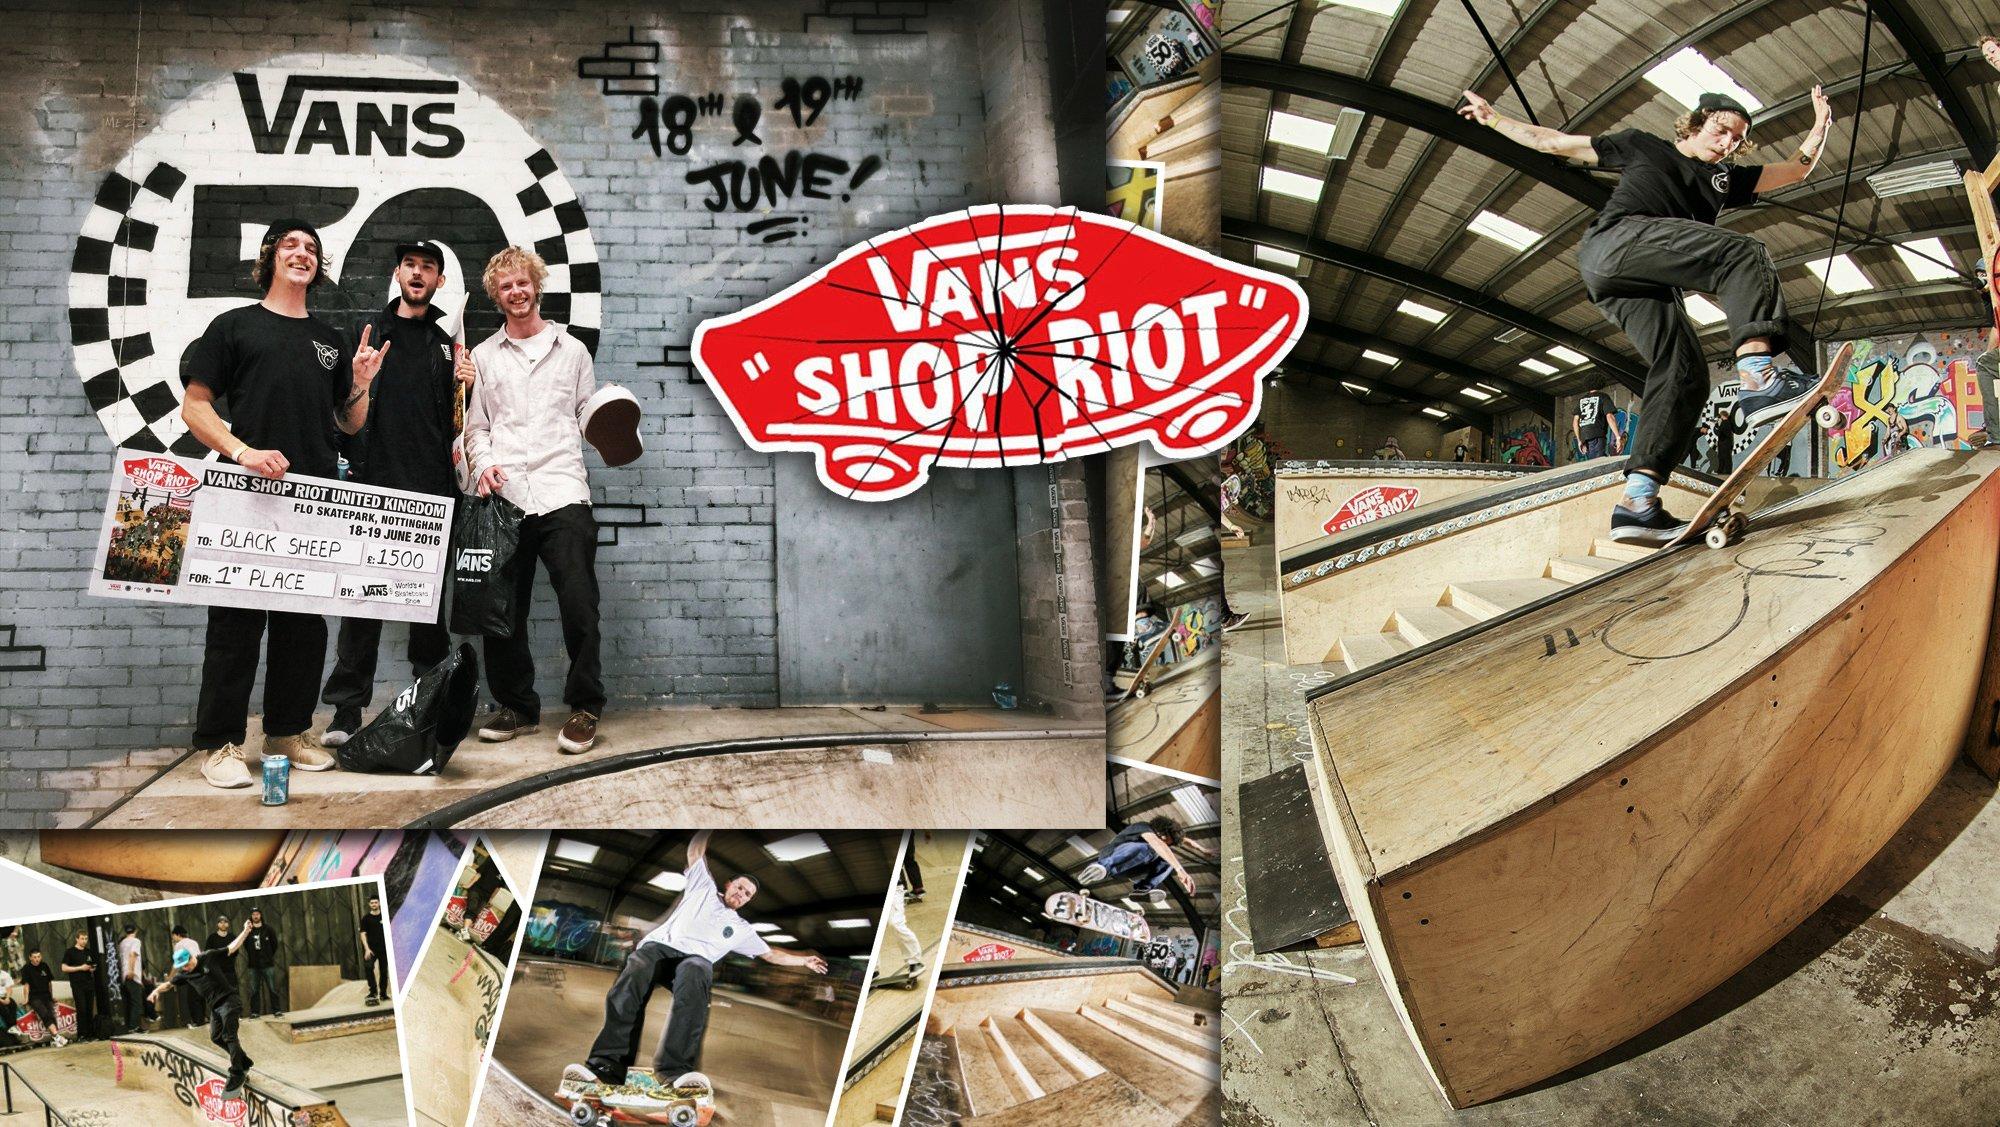 Vans Shop Riot